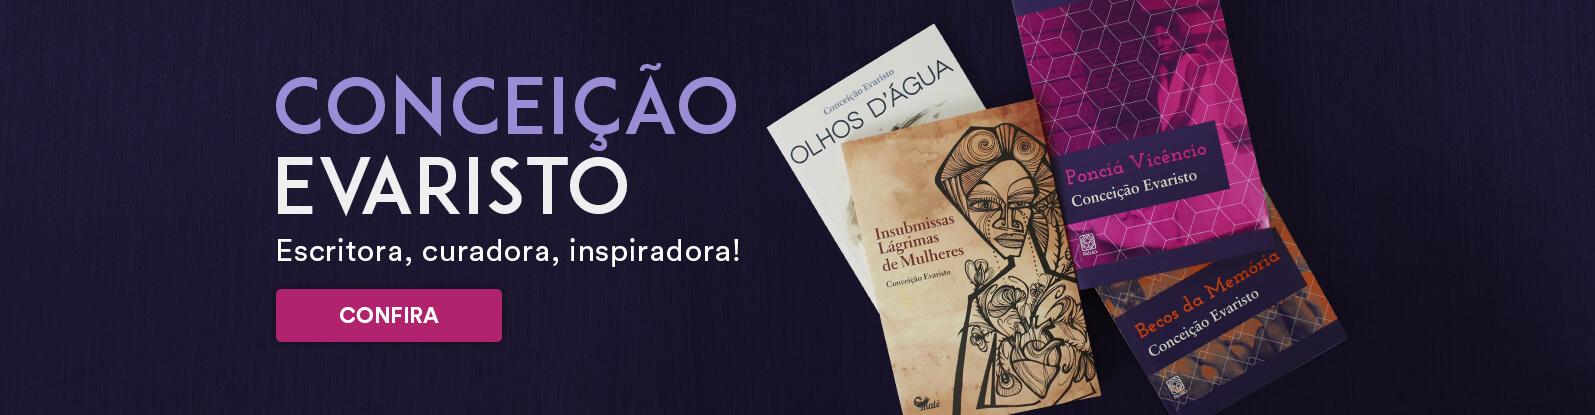 Livros de Conceição Evaristo